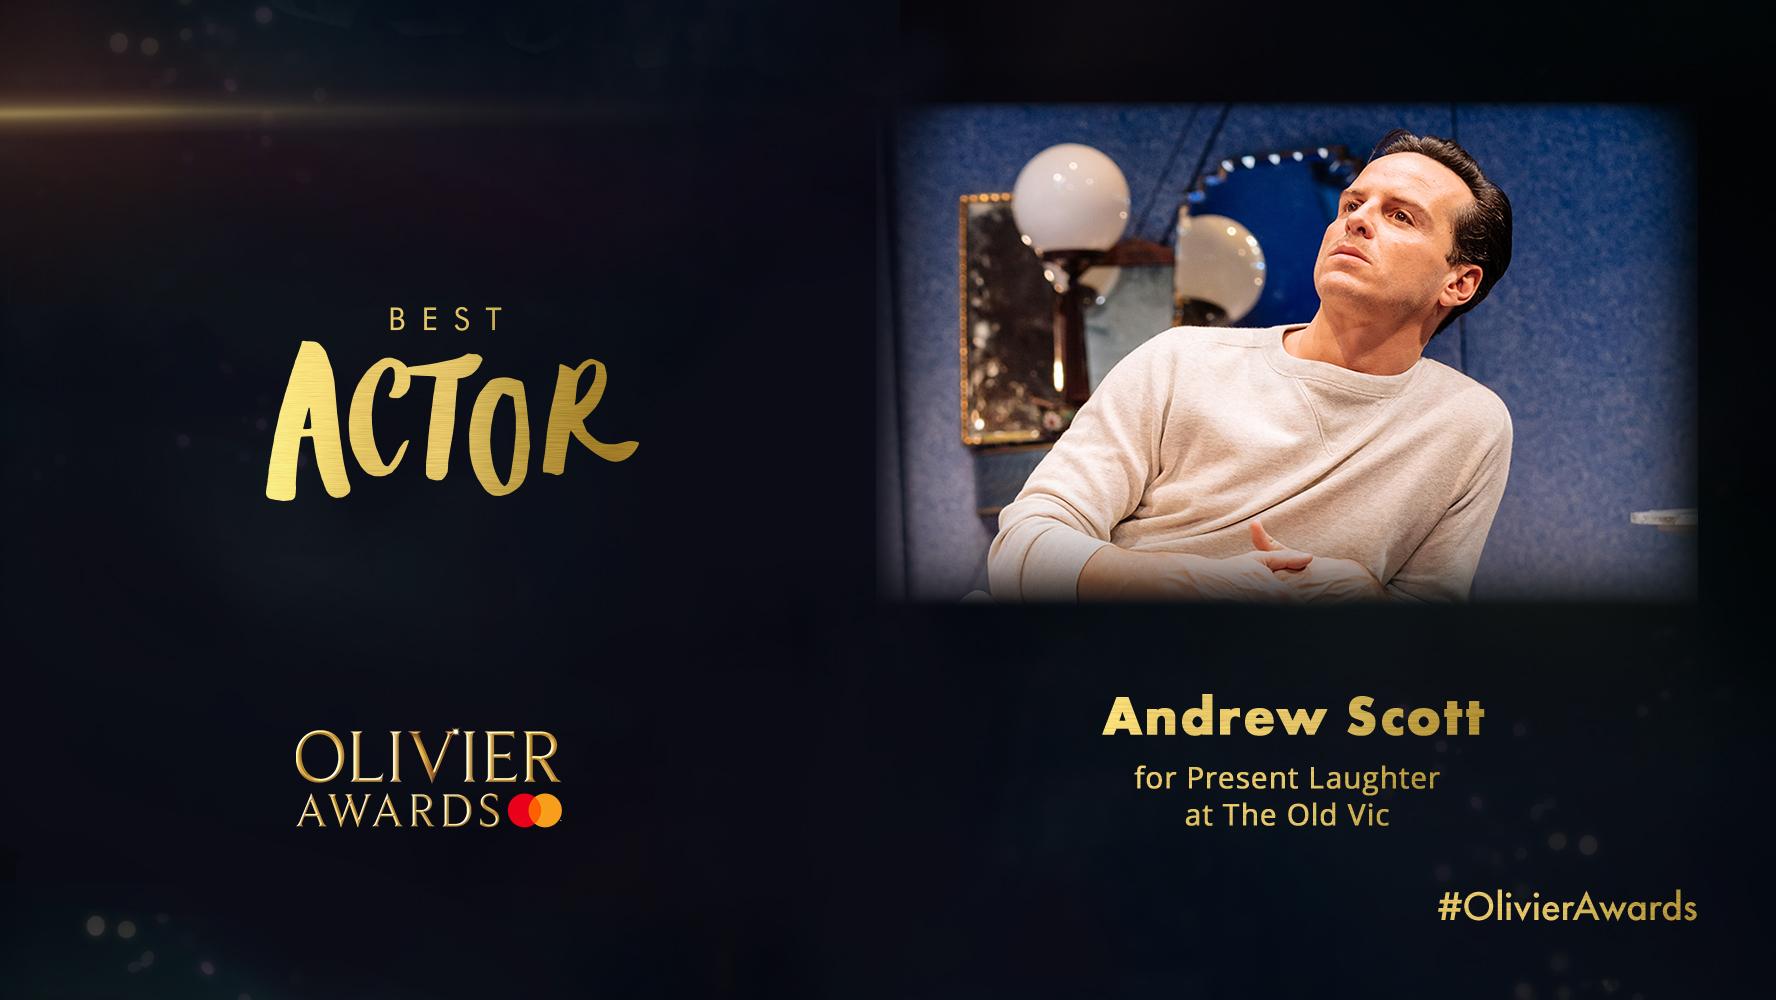 奥利弗奖直播颁出,安德鲁·斯科特斩获最佳话剧男主角图片